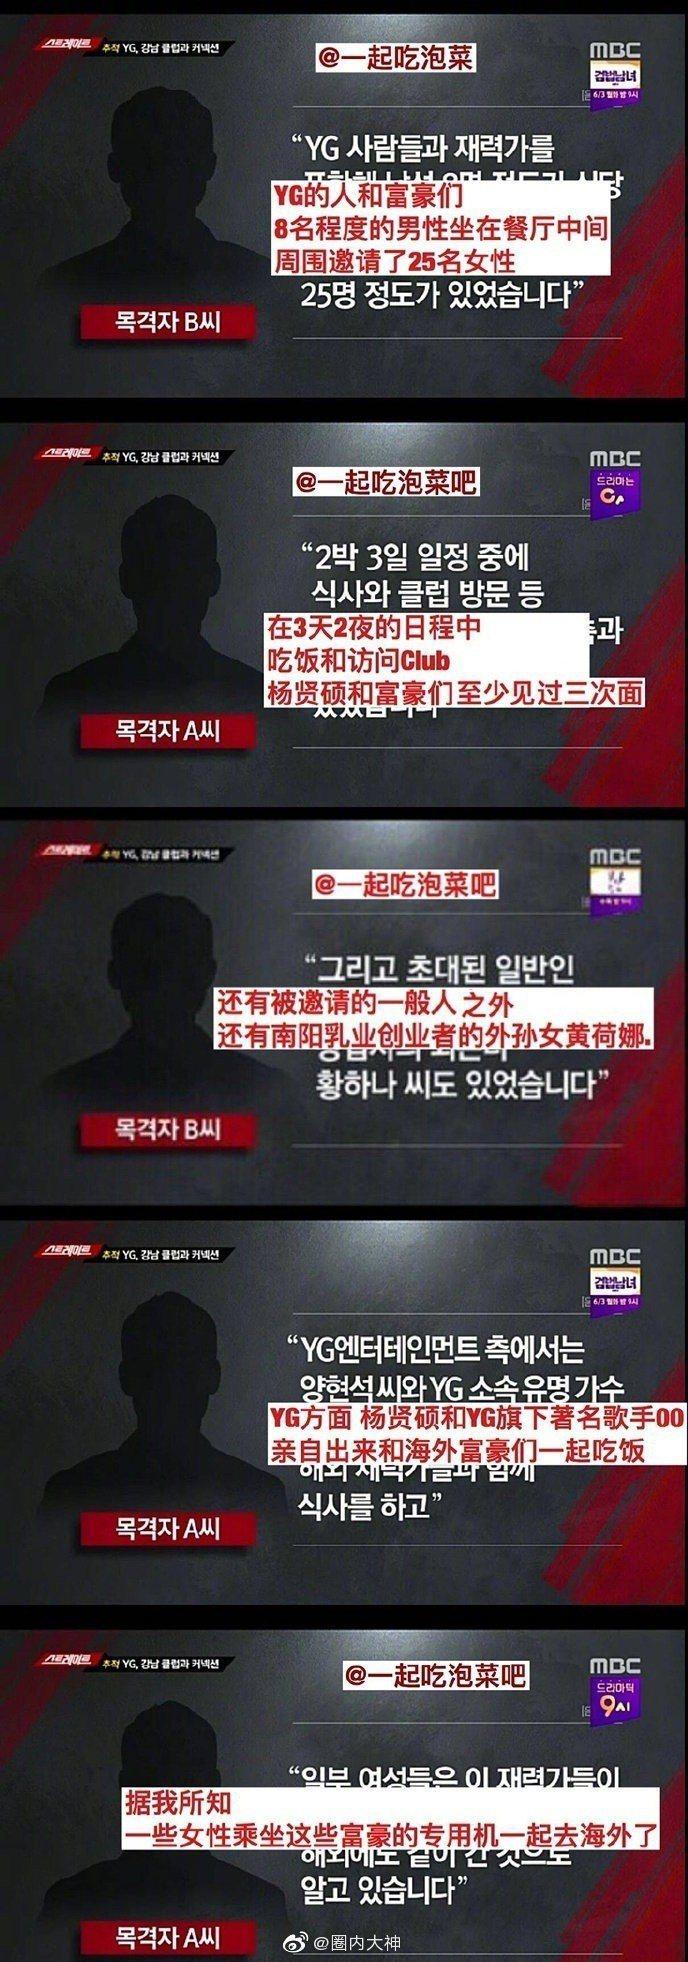 韓國MBC節目《Straight》節目踢爆YG娛樂社長梁鉉錫涉嫌性招待。 圖/擷...